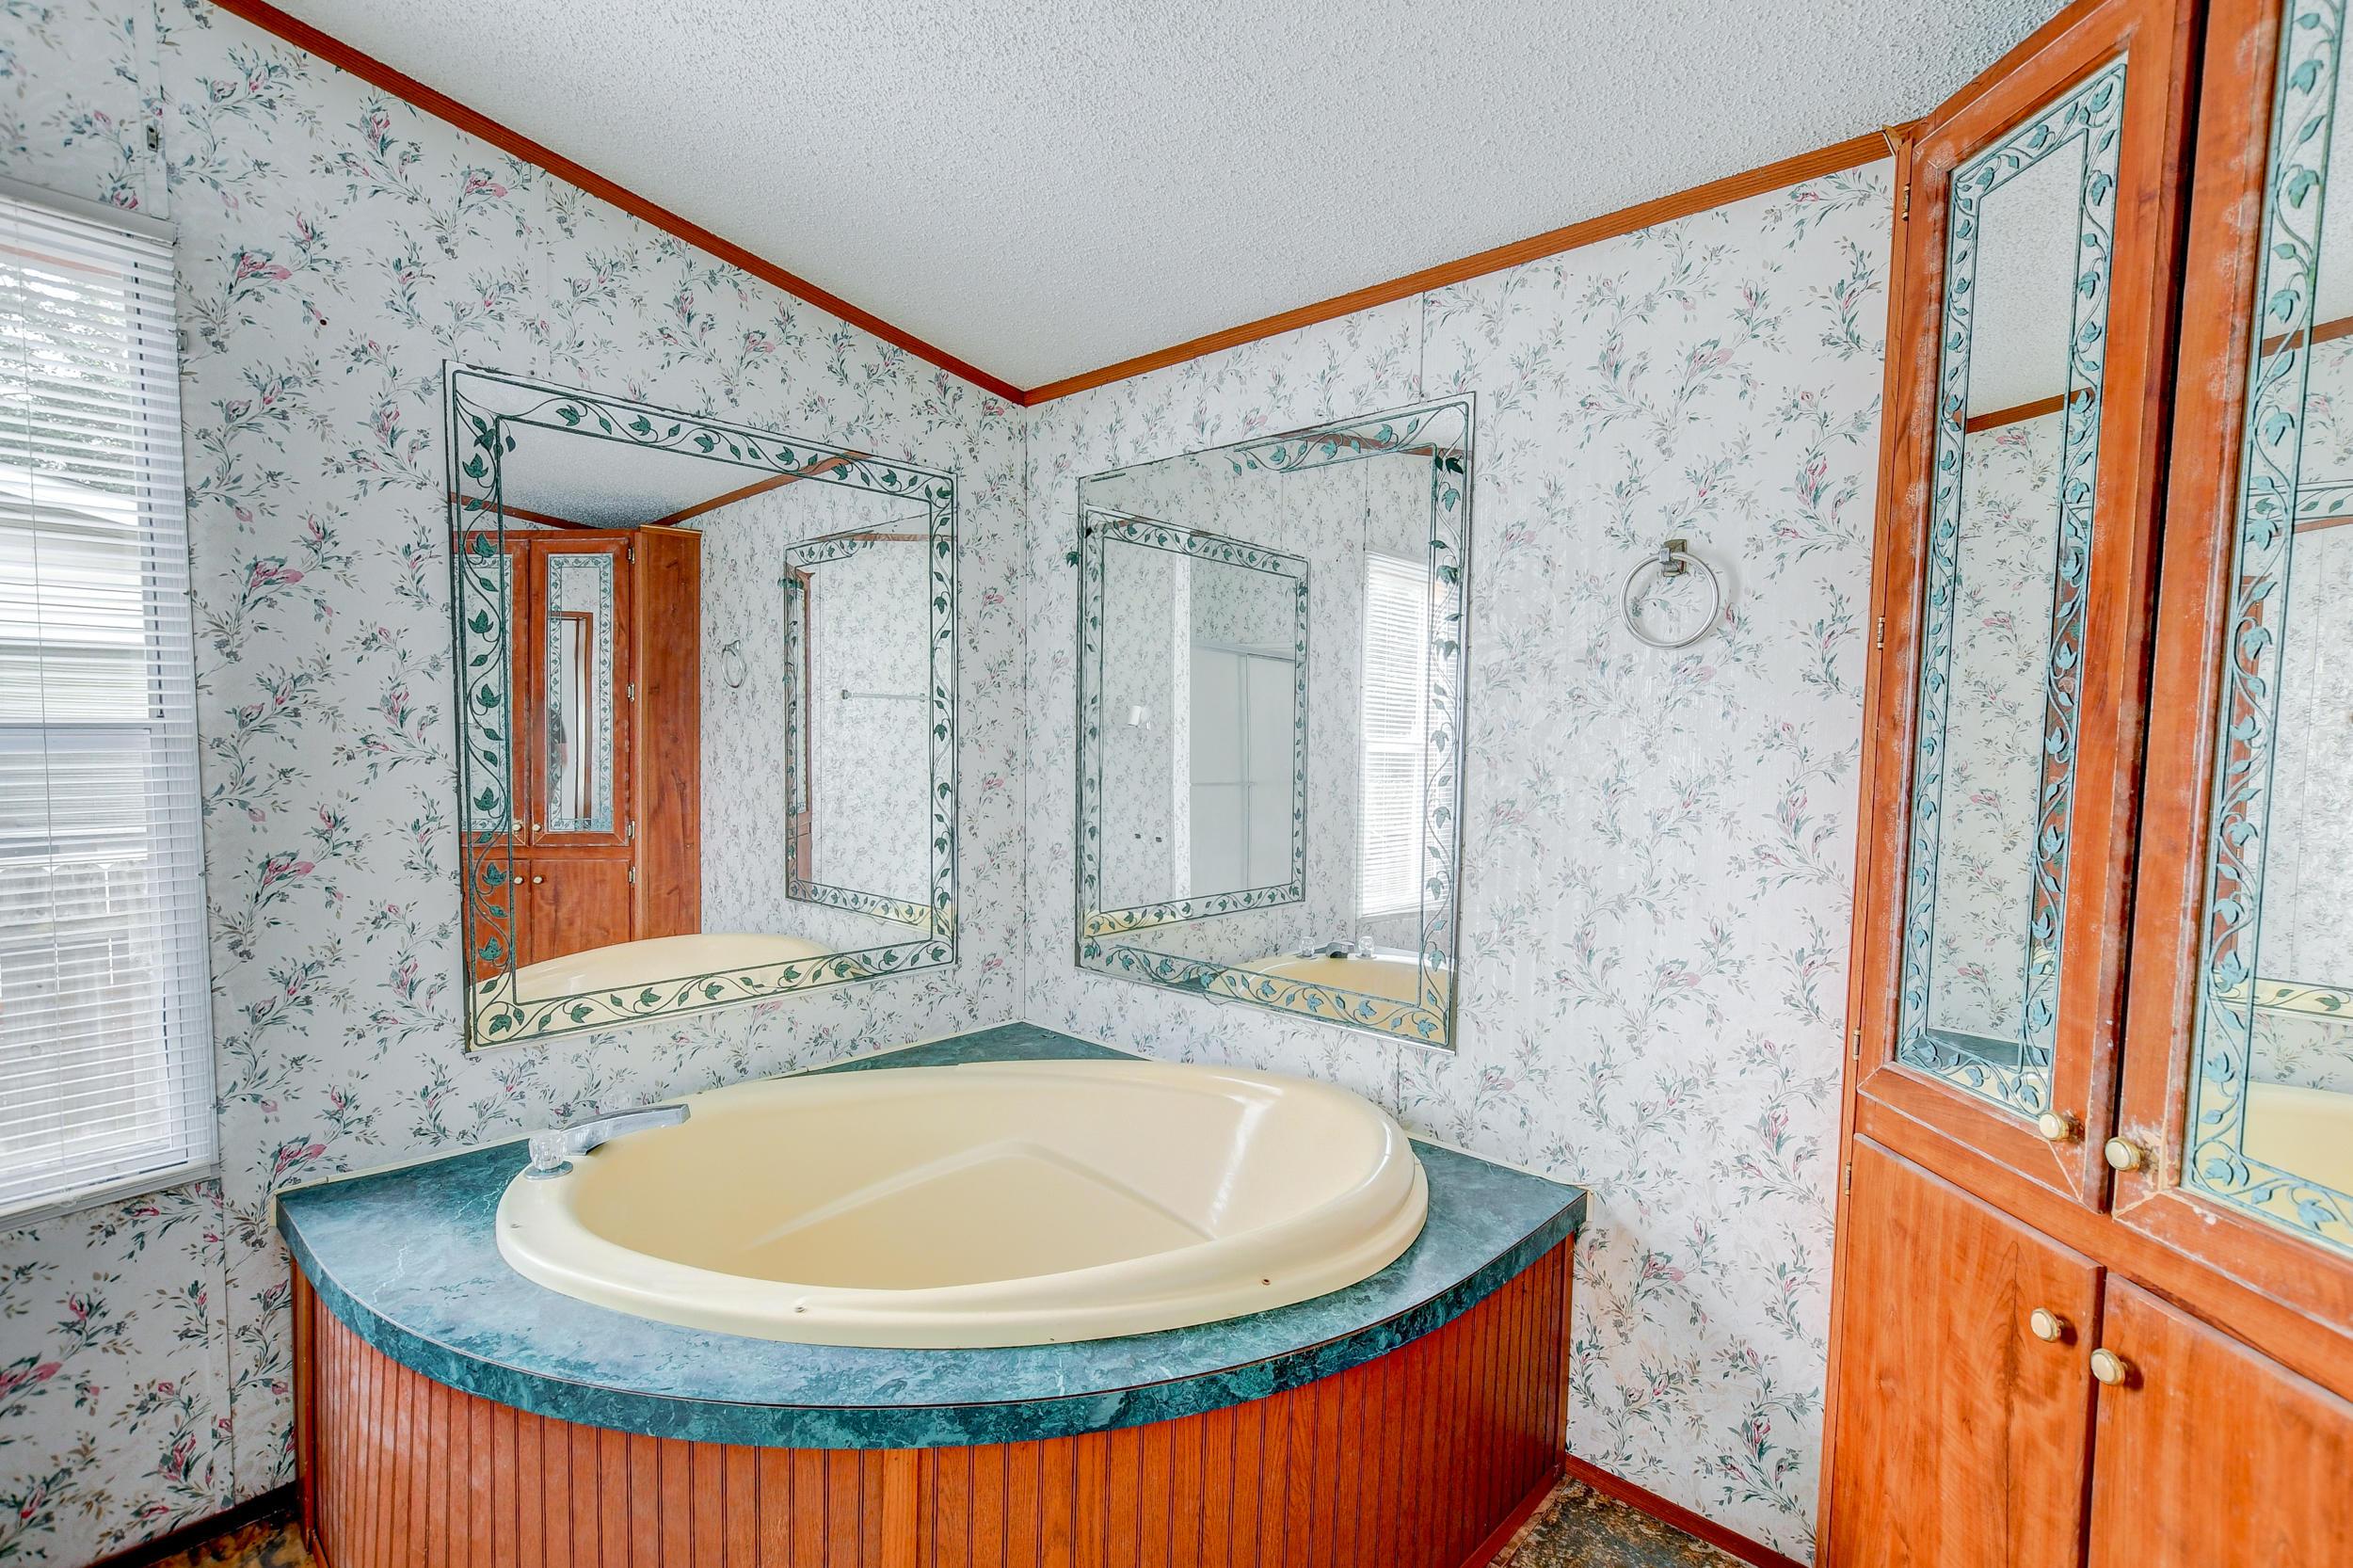 Clemson Terrace Homes For Sale - 123 Colkitt, Summerville, SC - 16